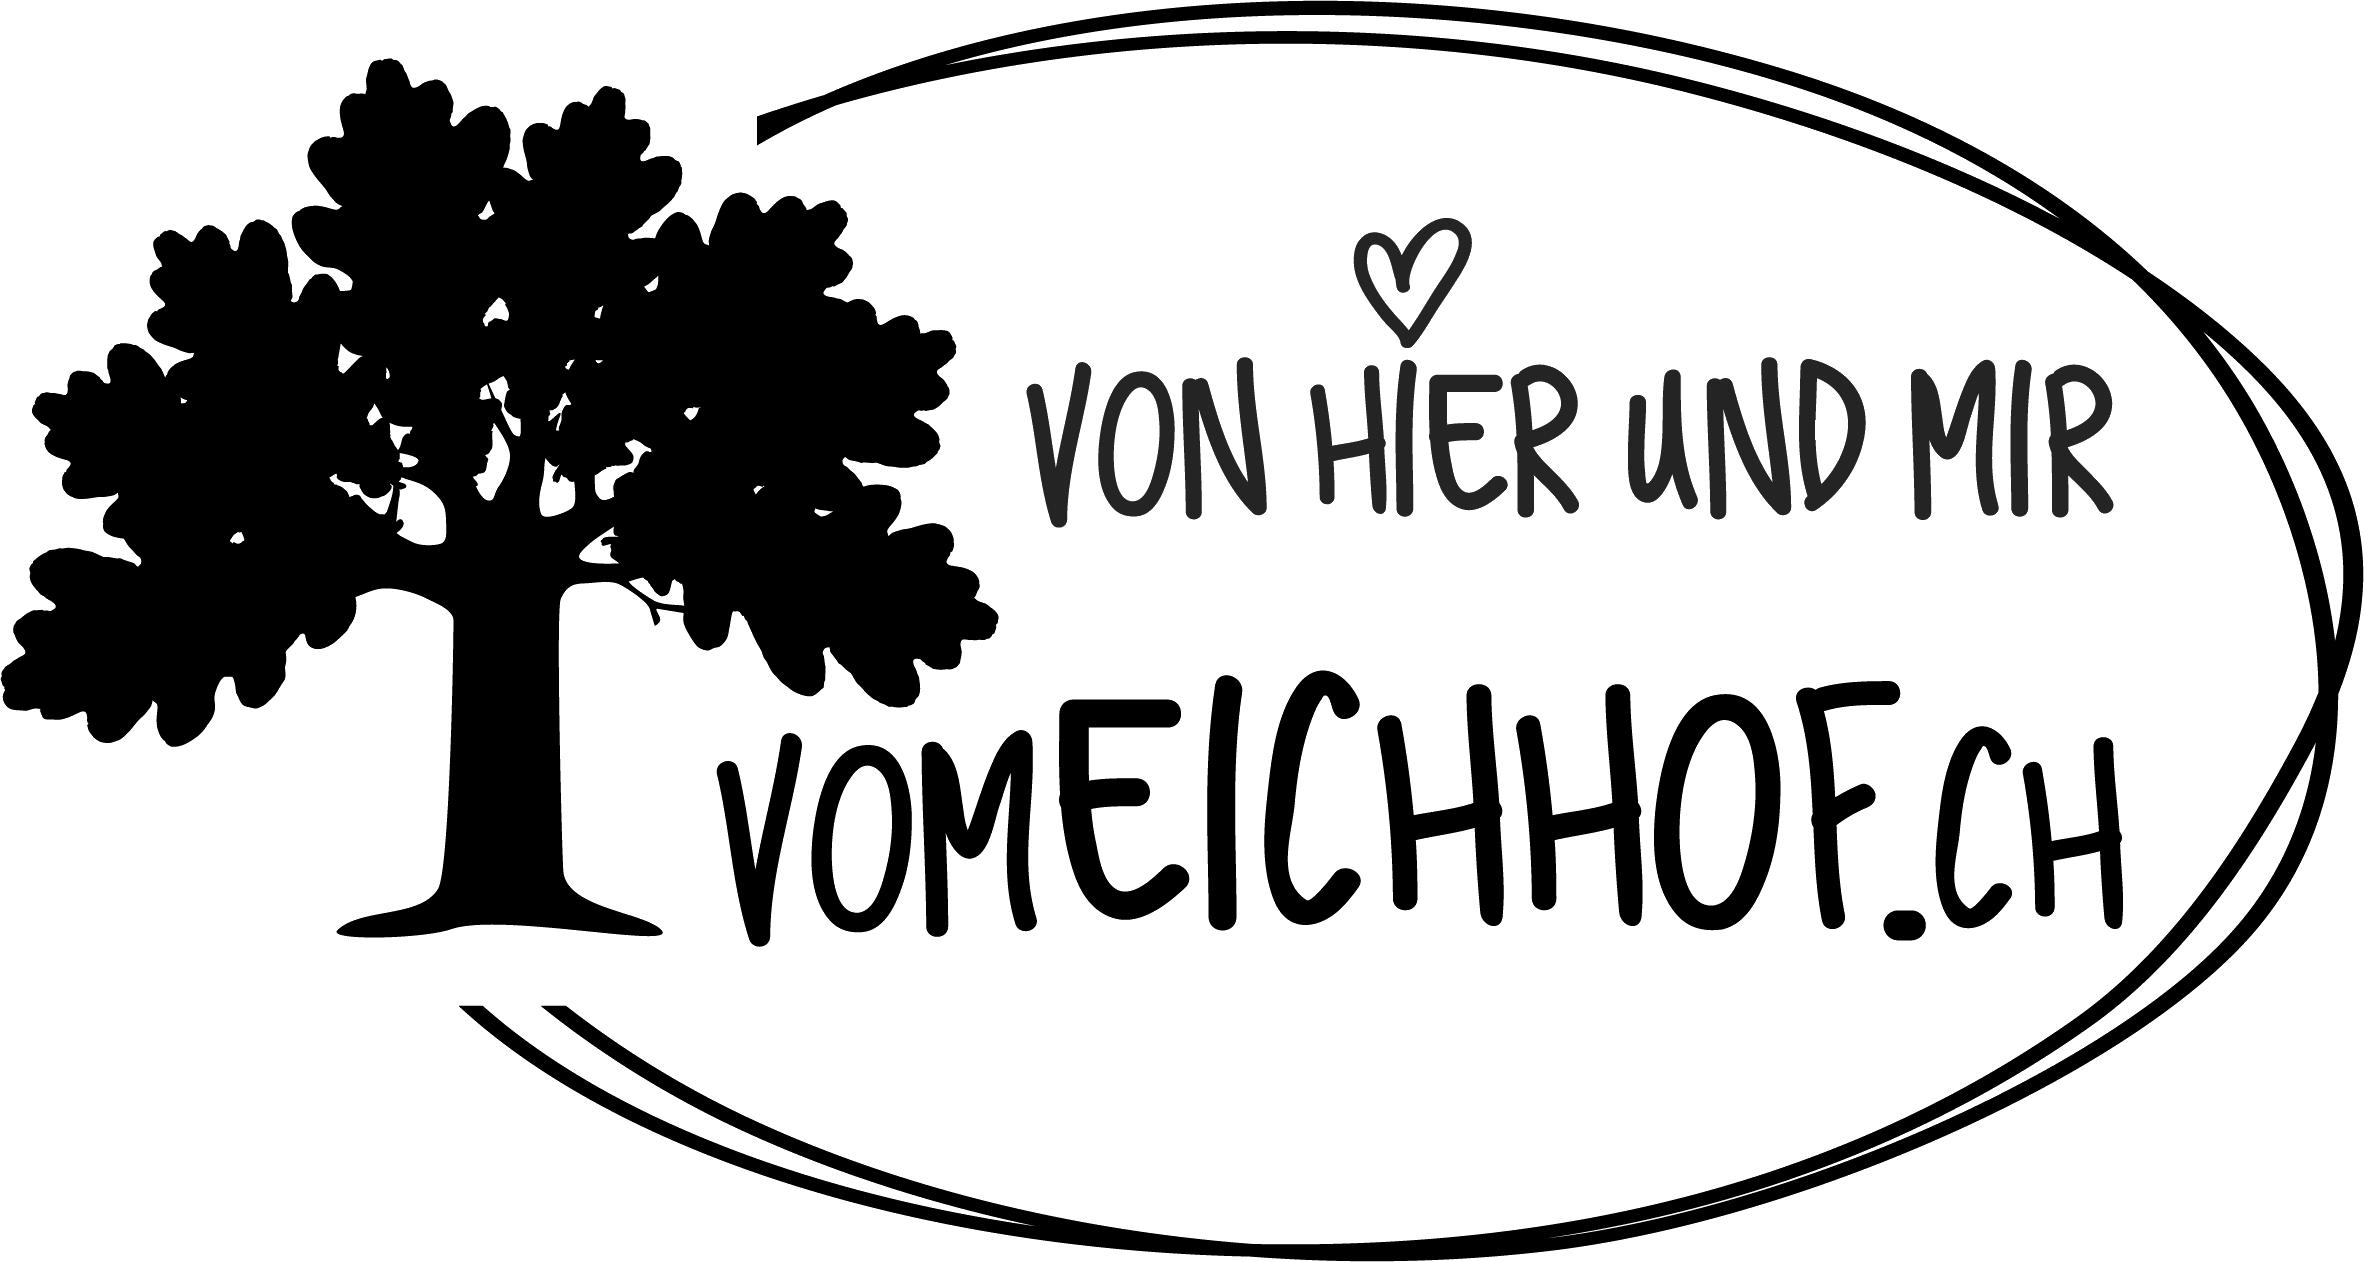 vomeichhof.ch